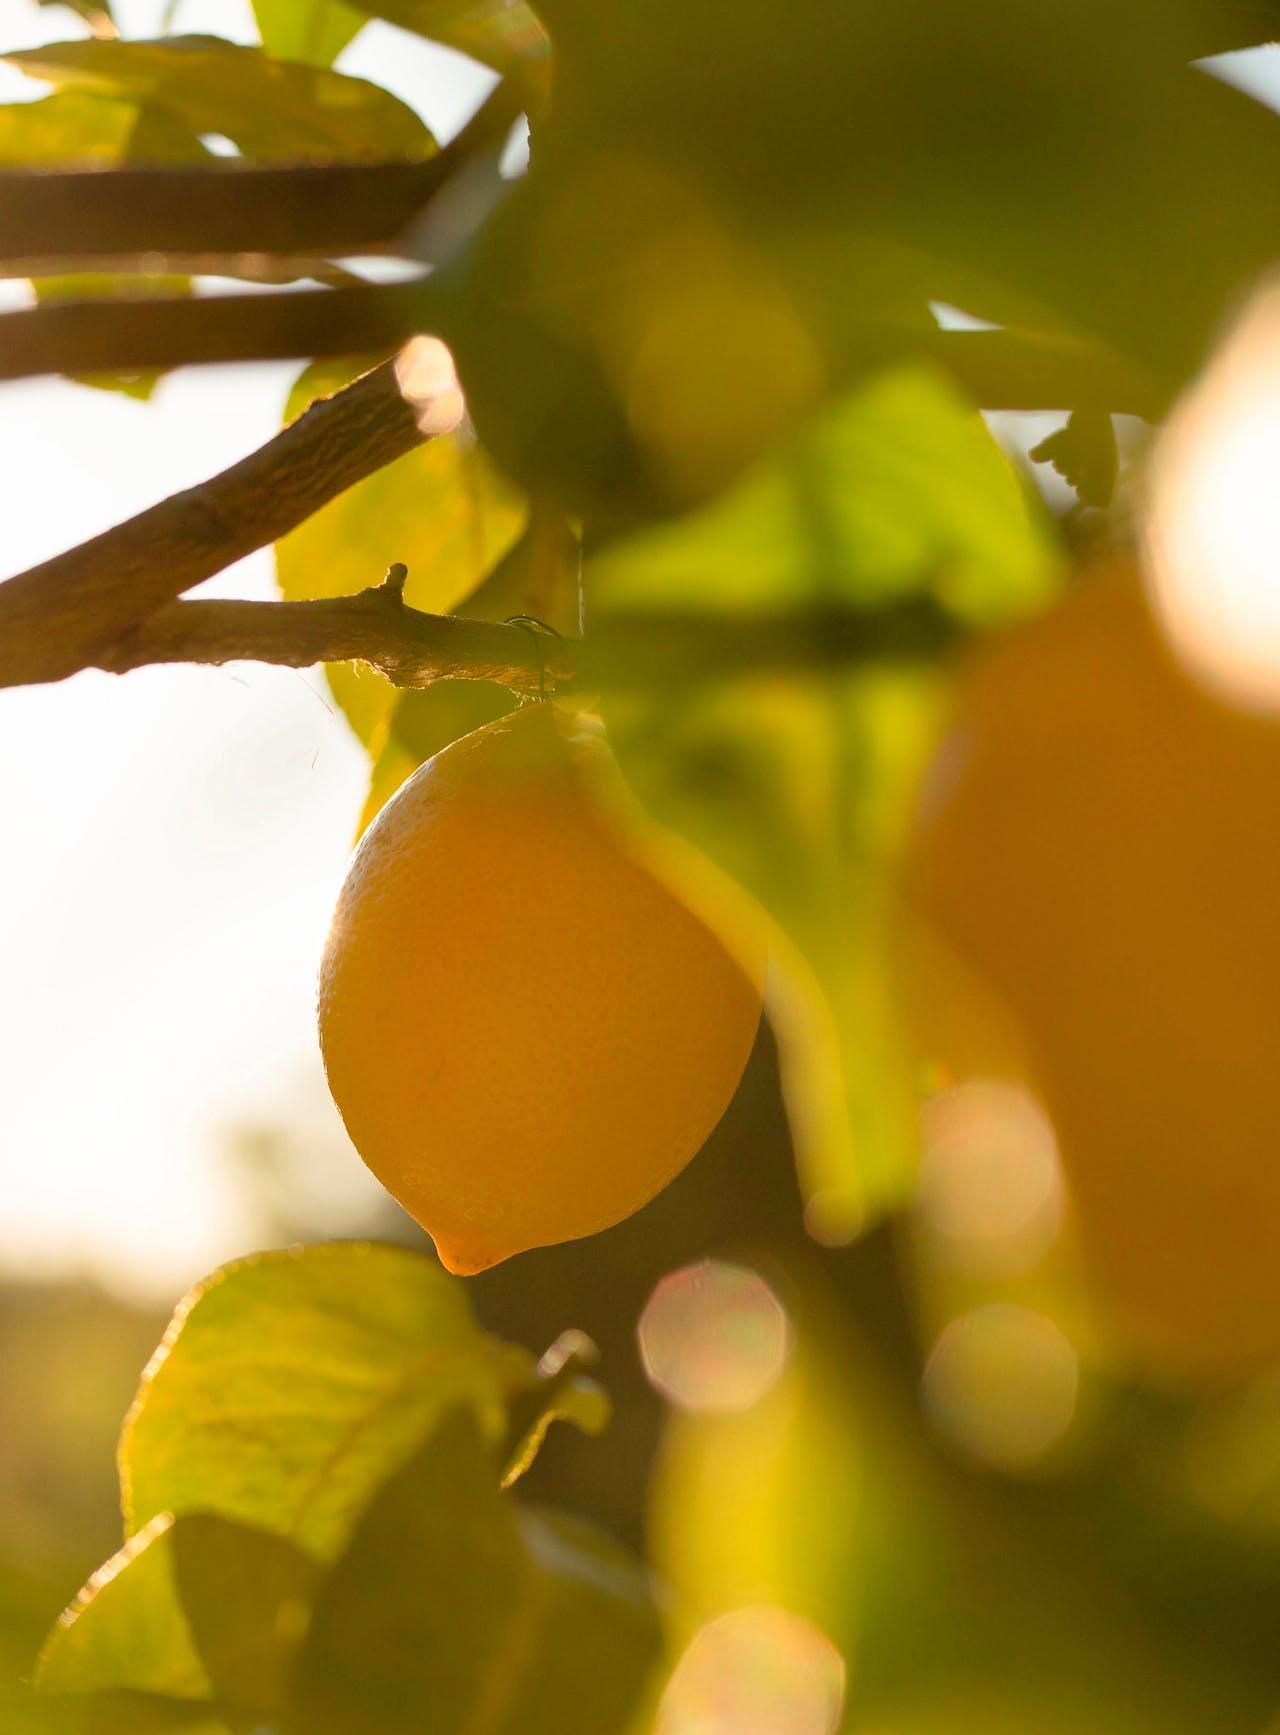 citronnier-fuit-citron